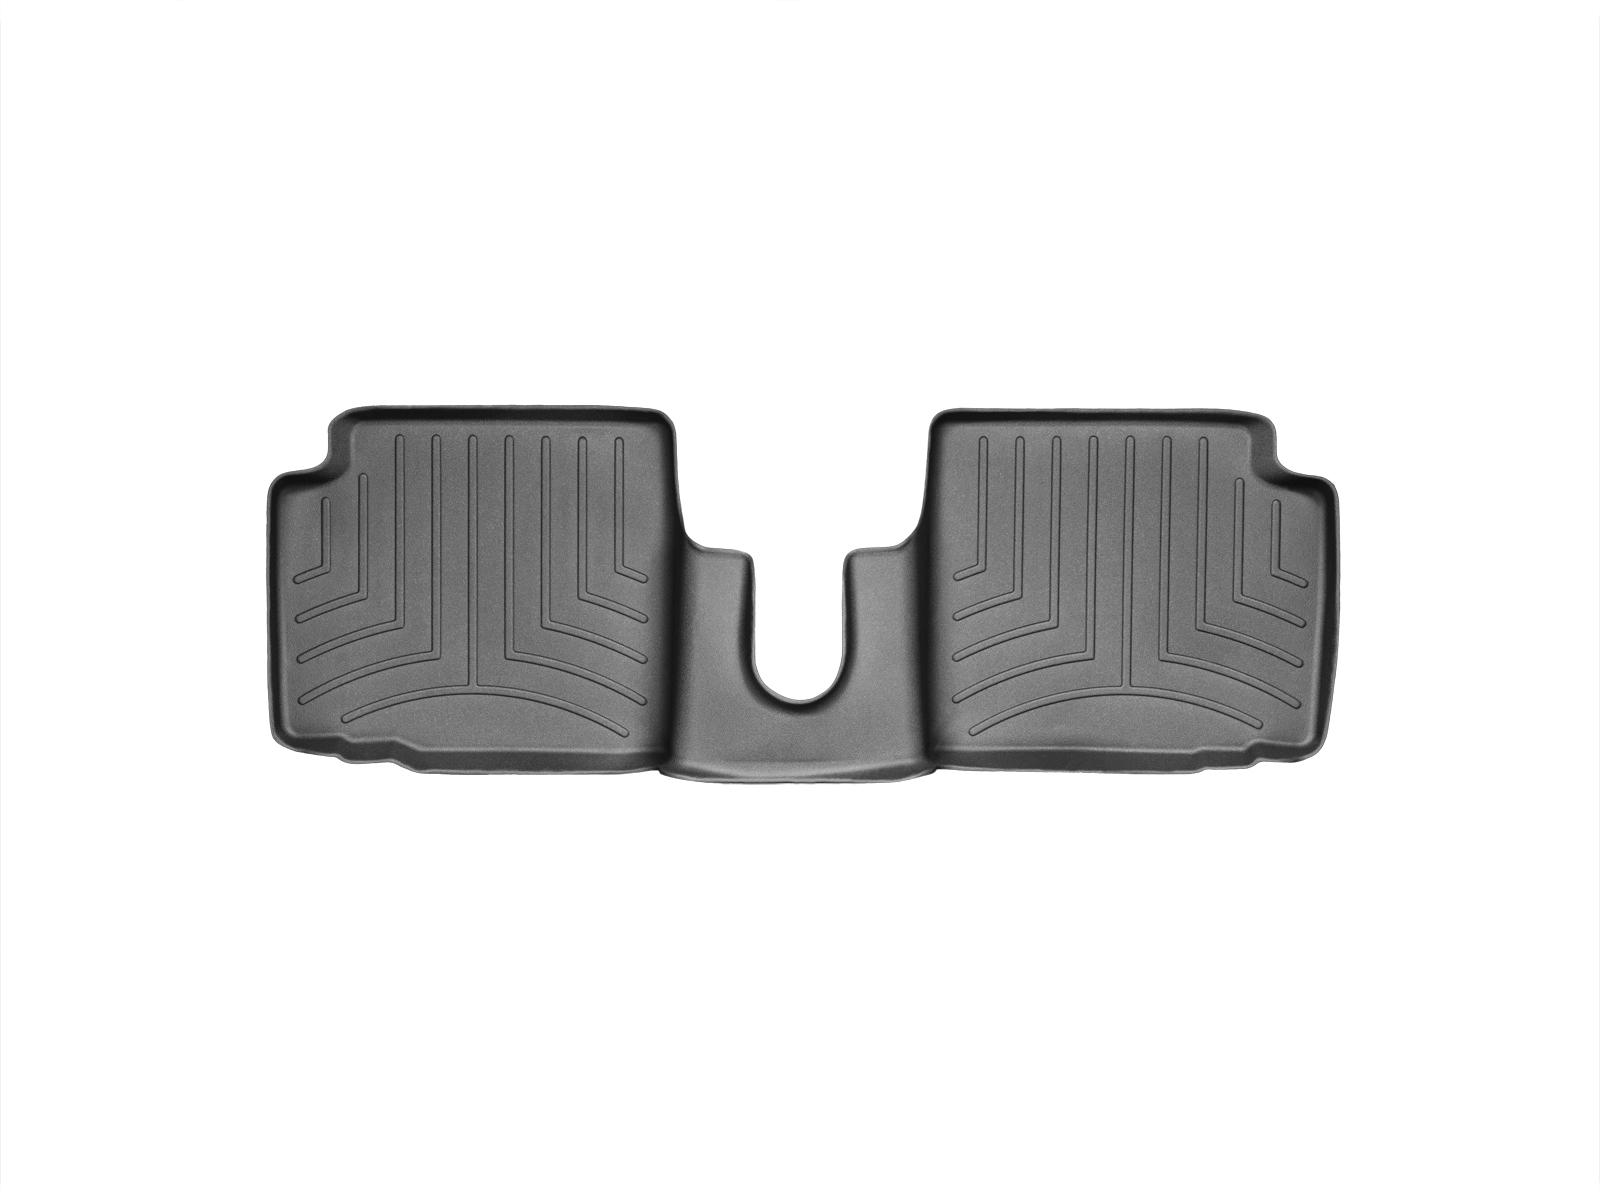 Tappeti gomma su misura bordo alto Fiat 500C 09>17 Nero A768*